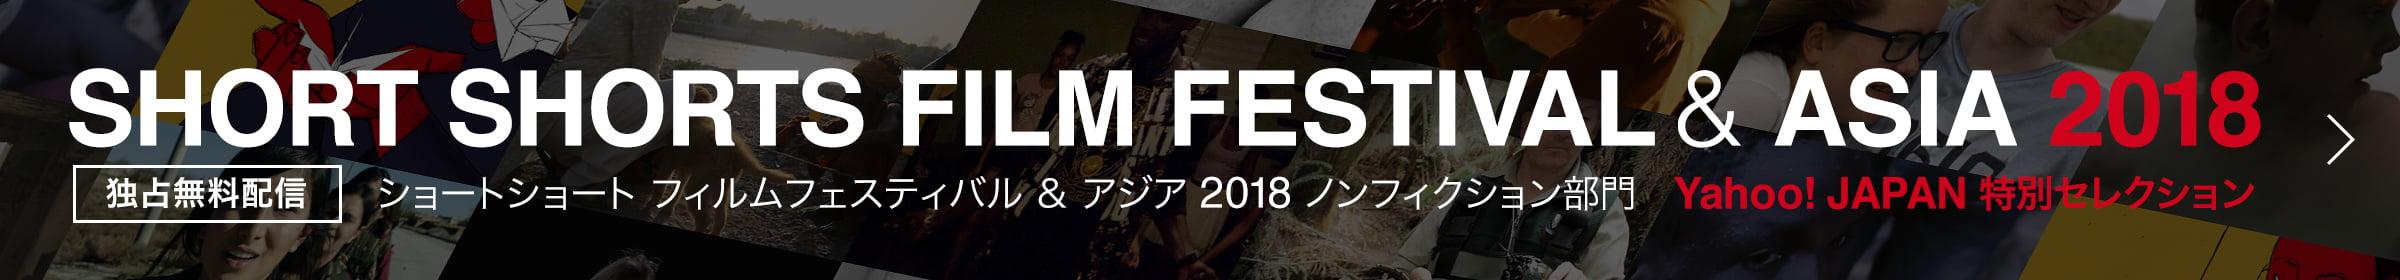 独占無料配信 ショートショート フィルムフェスティバル & アジア 2018 ノンフィクション部門 Yahoo! JAPAN 特別セレクション